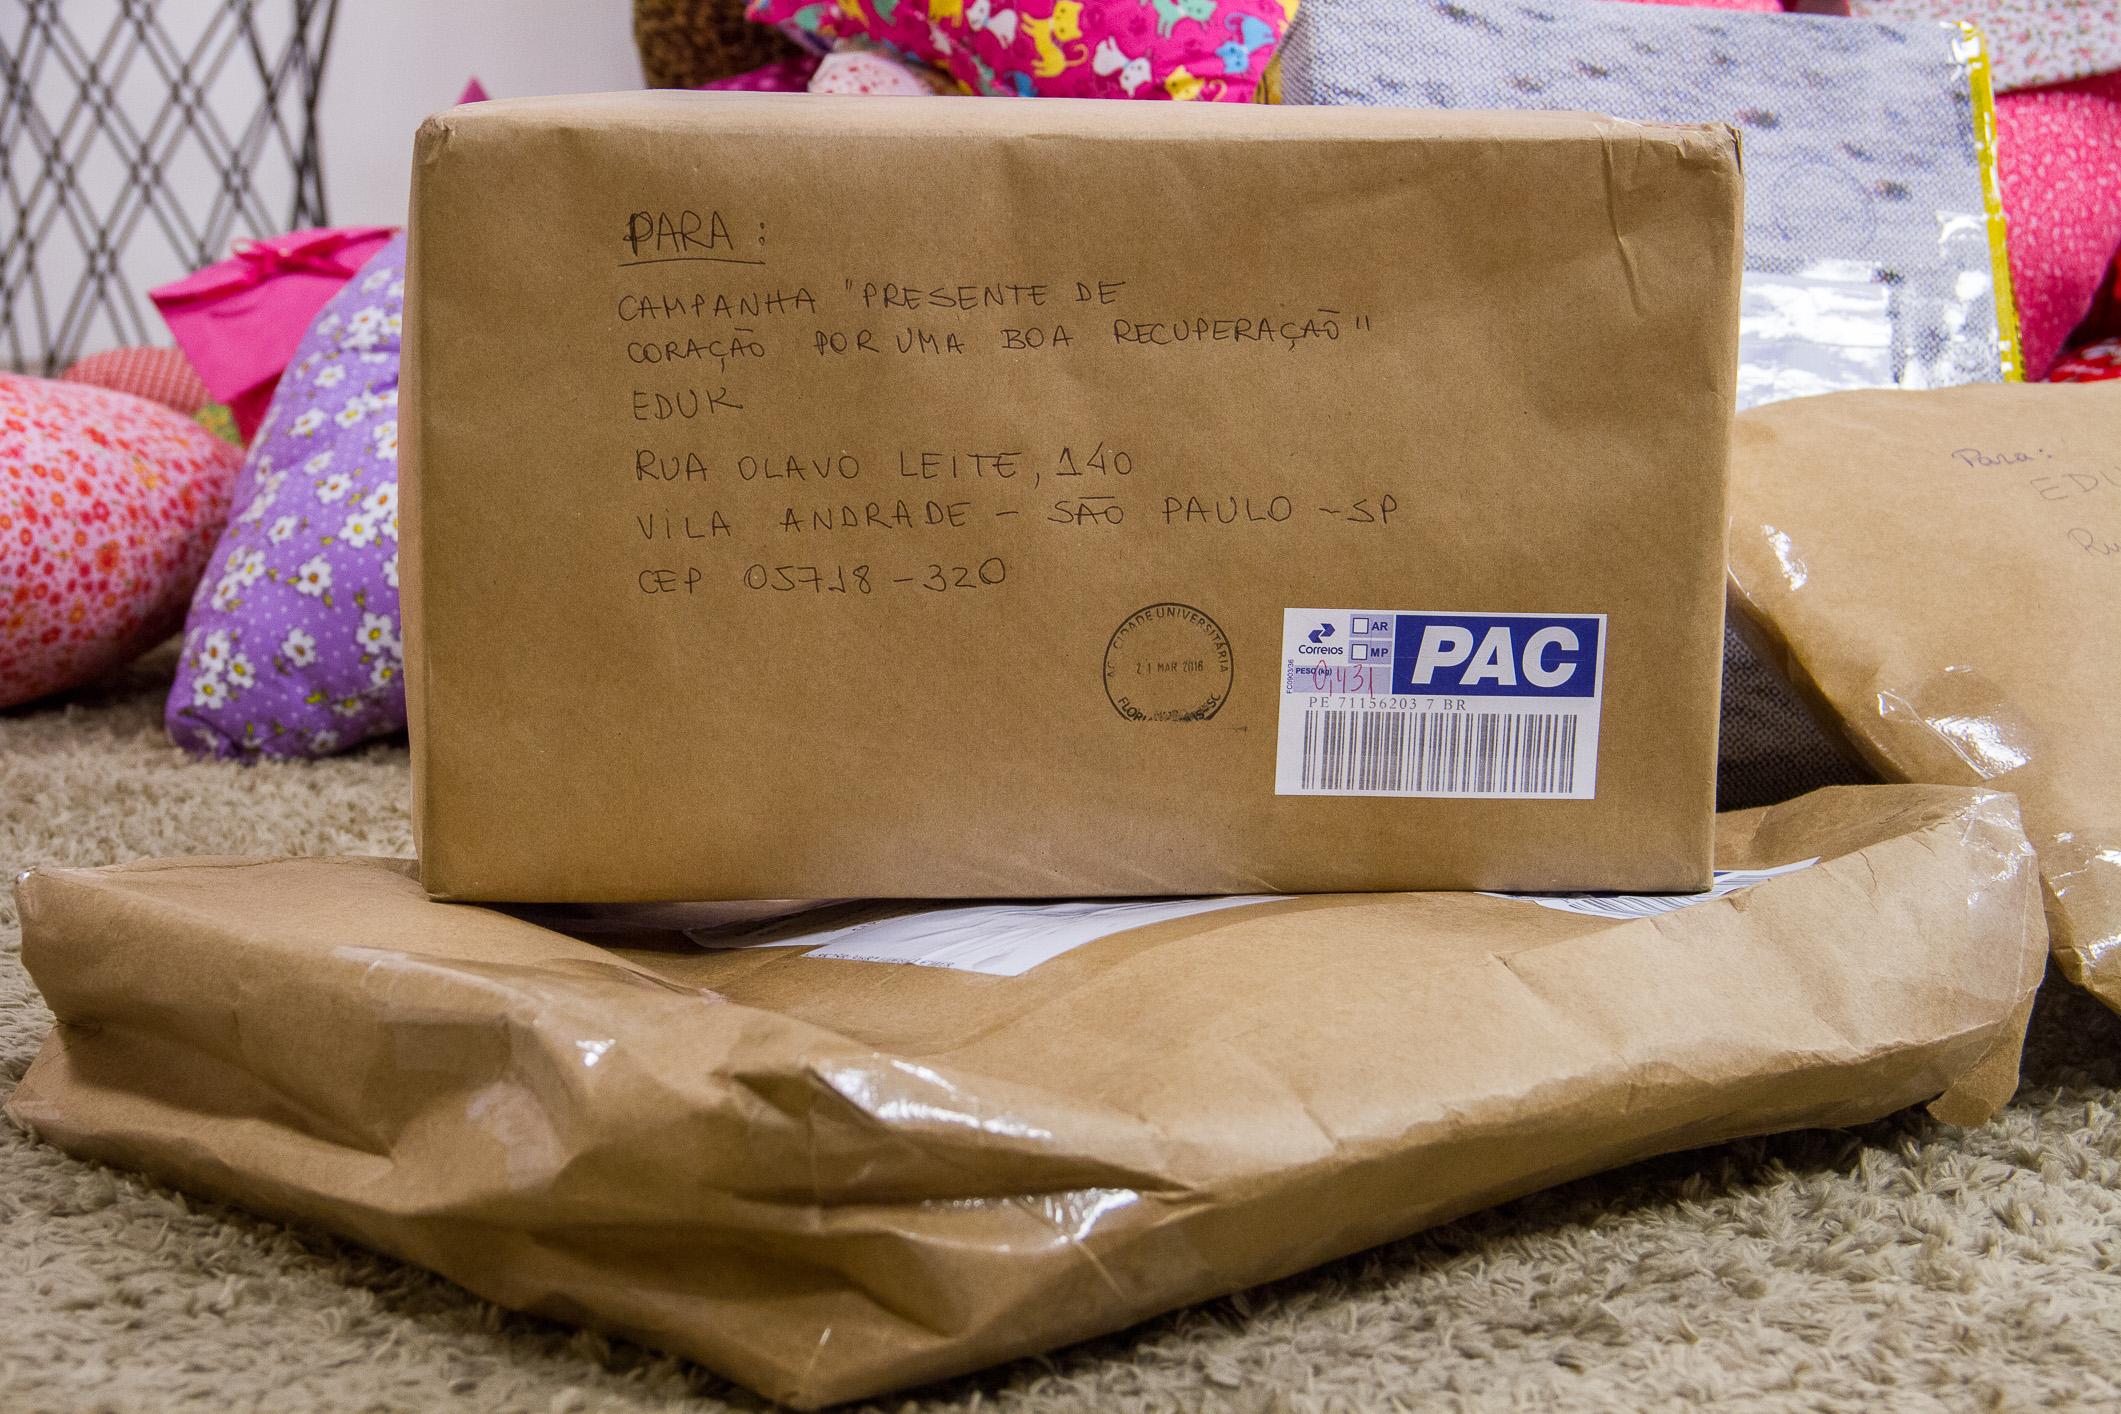 Os pacotes cheios de almofadas de coração não param de chegar na eduK. Participe você também dessa linda campanha!